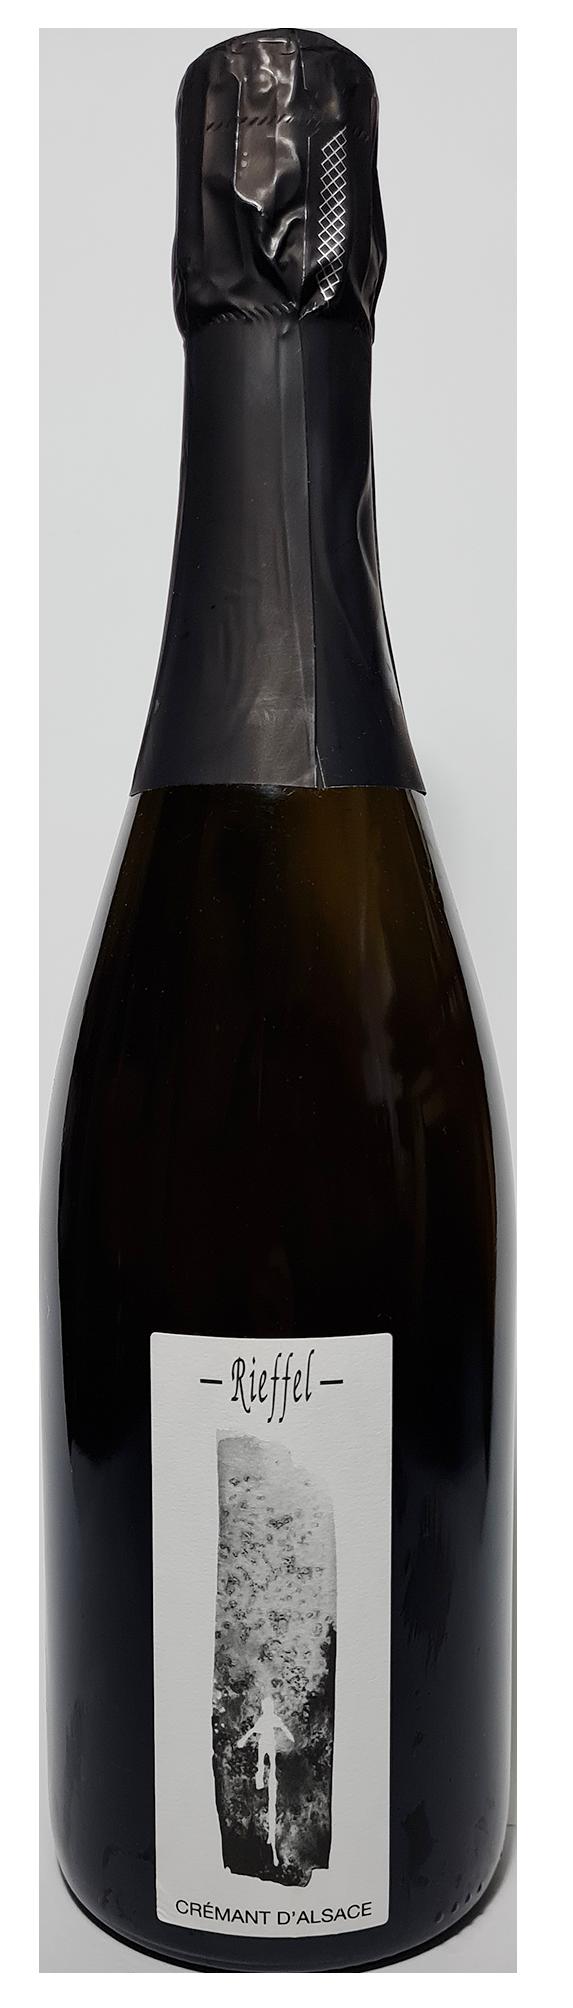 Bouteille de Crémant d'Alsace Extra-Brut non Dosé 2018 Domaine Rieffel